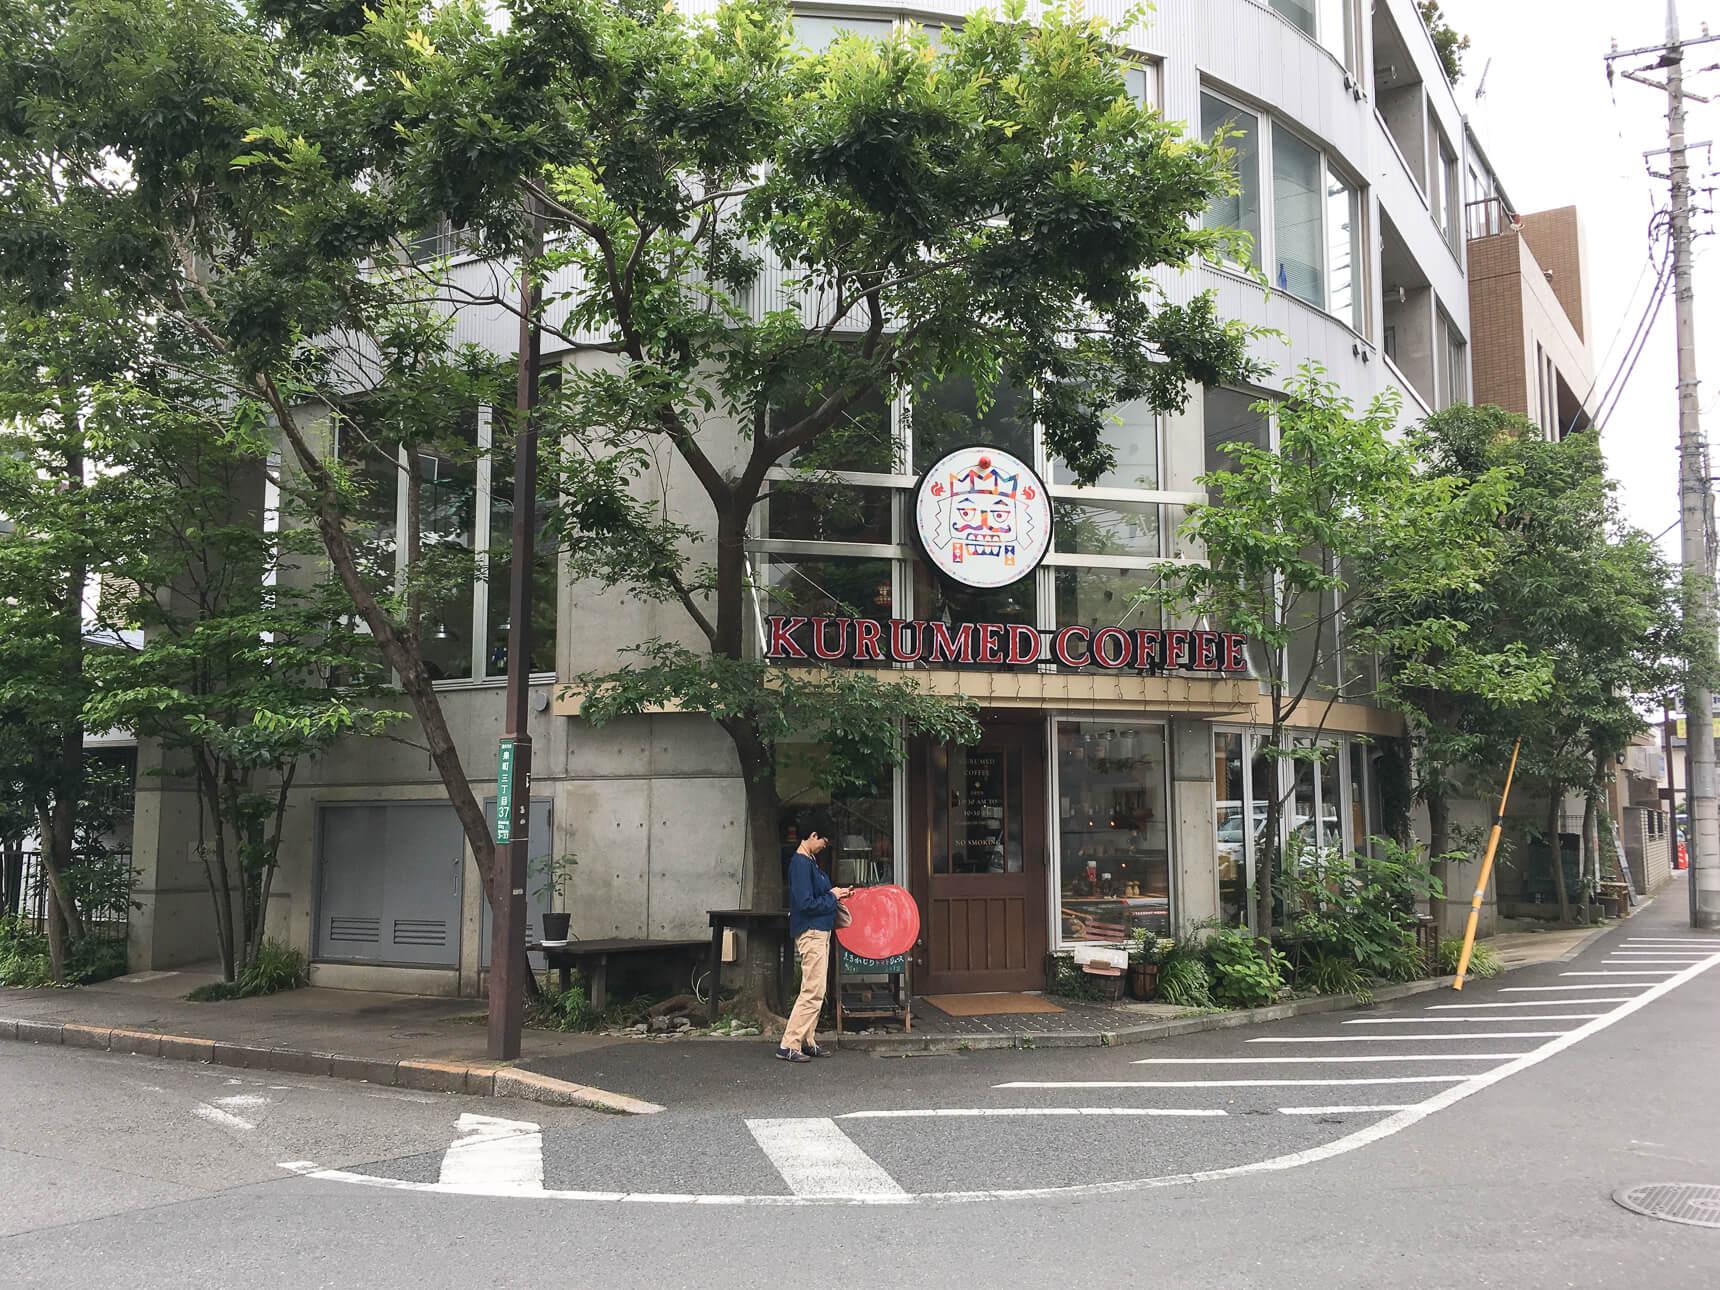 西国分寺駅の南側、徒歩1分。小さな集合住宅の1階に、クルミドコーヒーがあります。